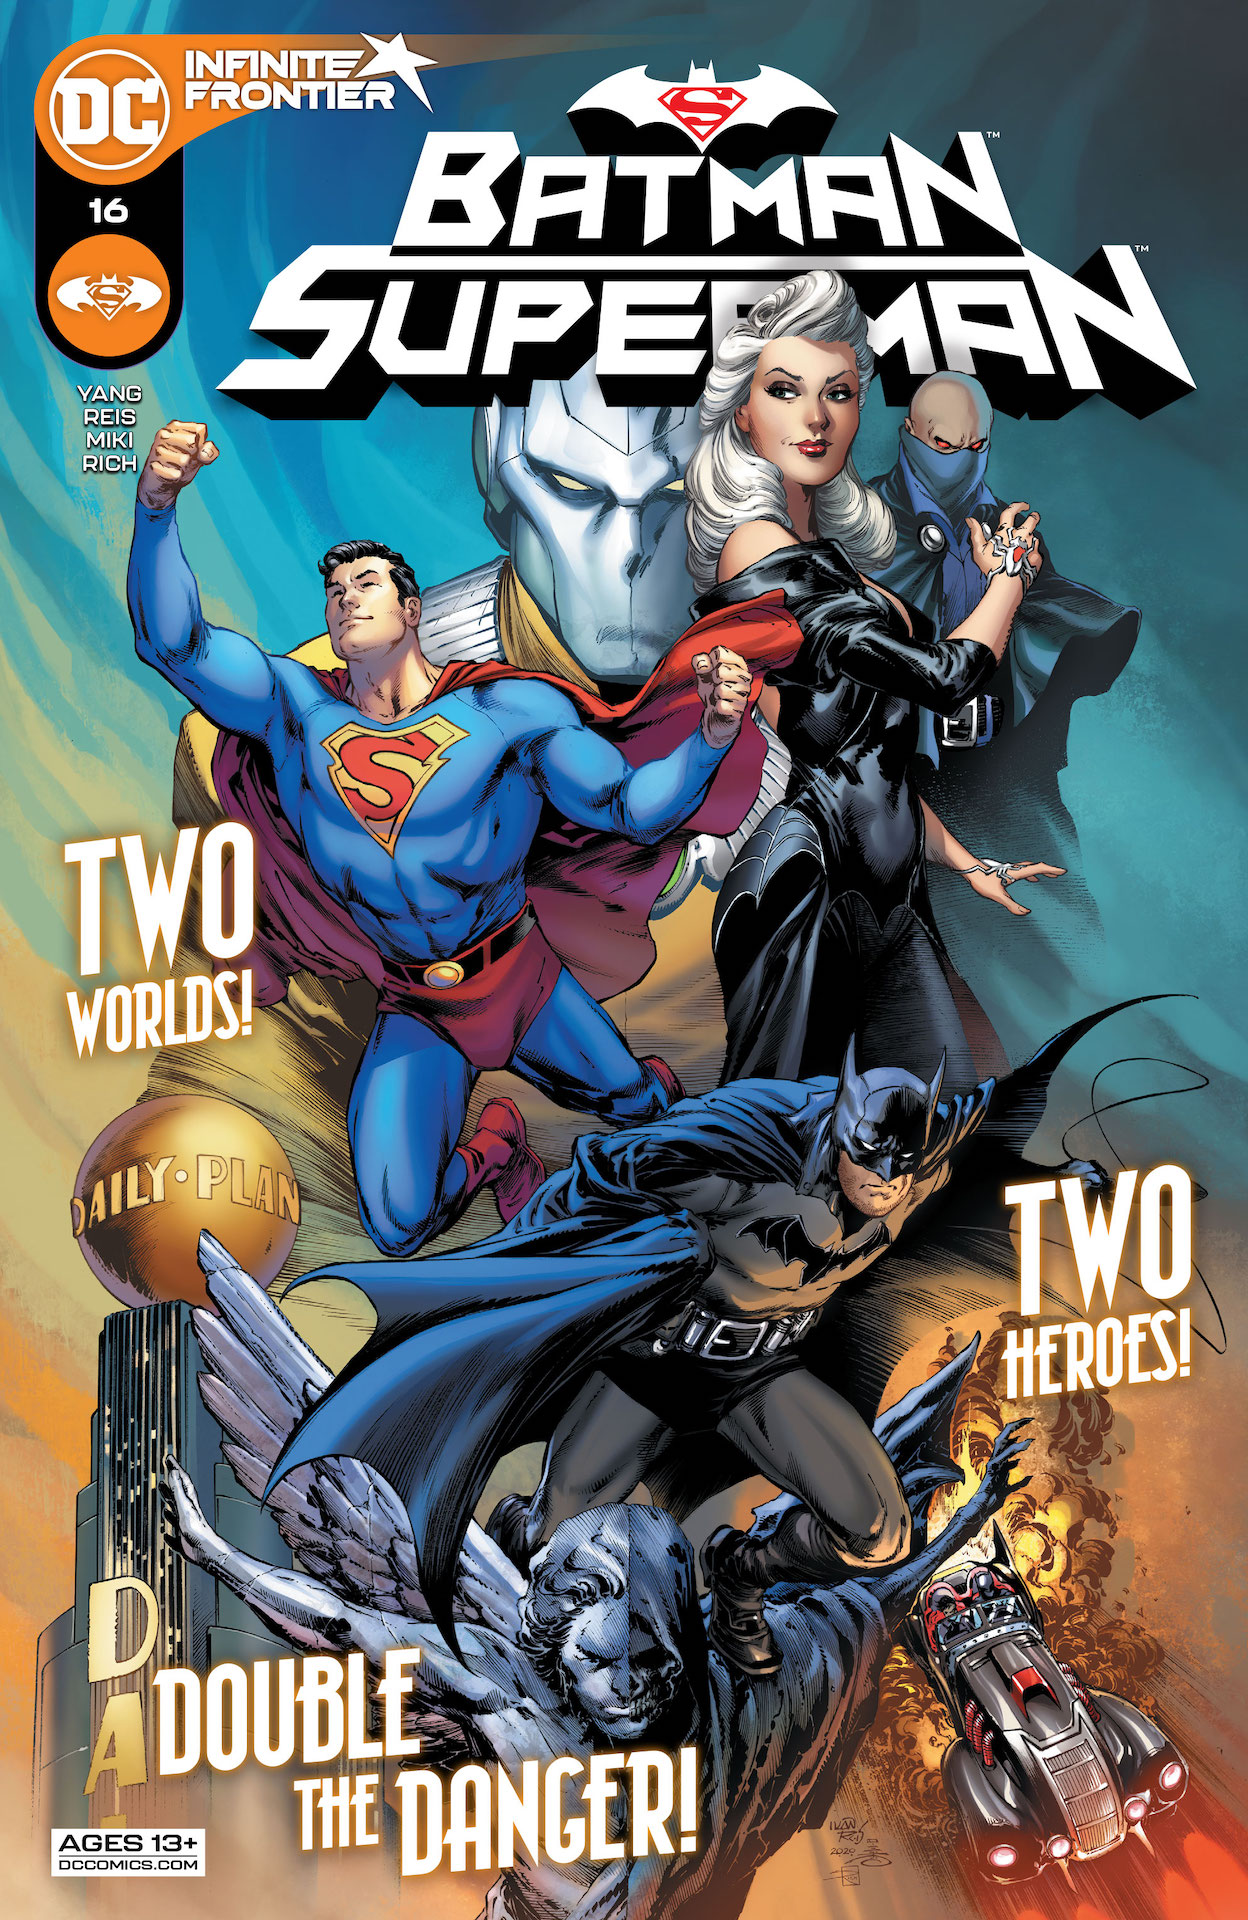 batman-superman_161